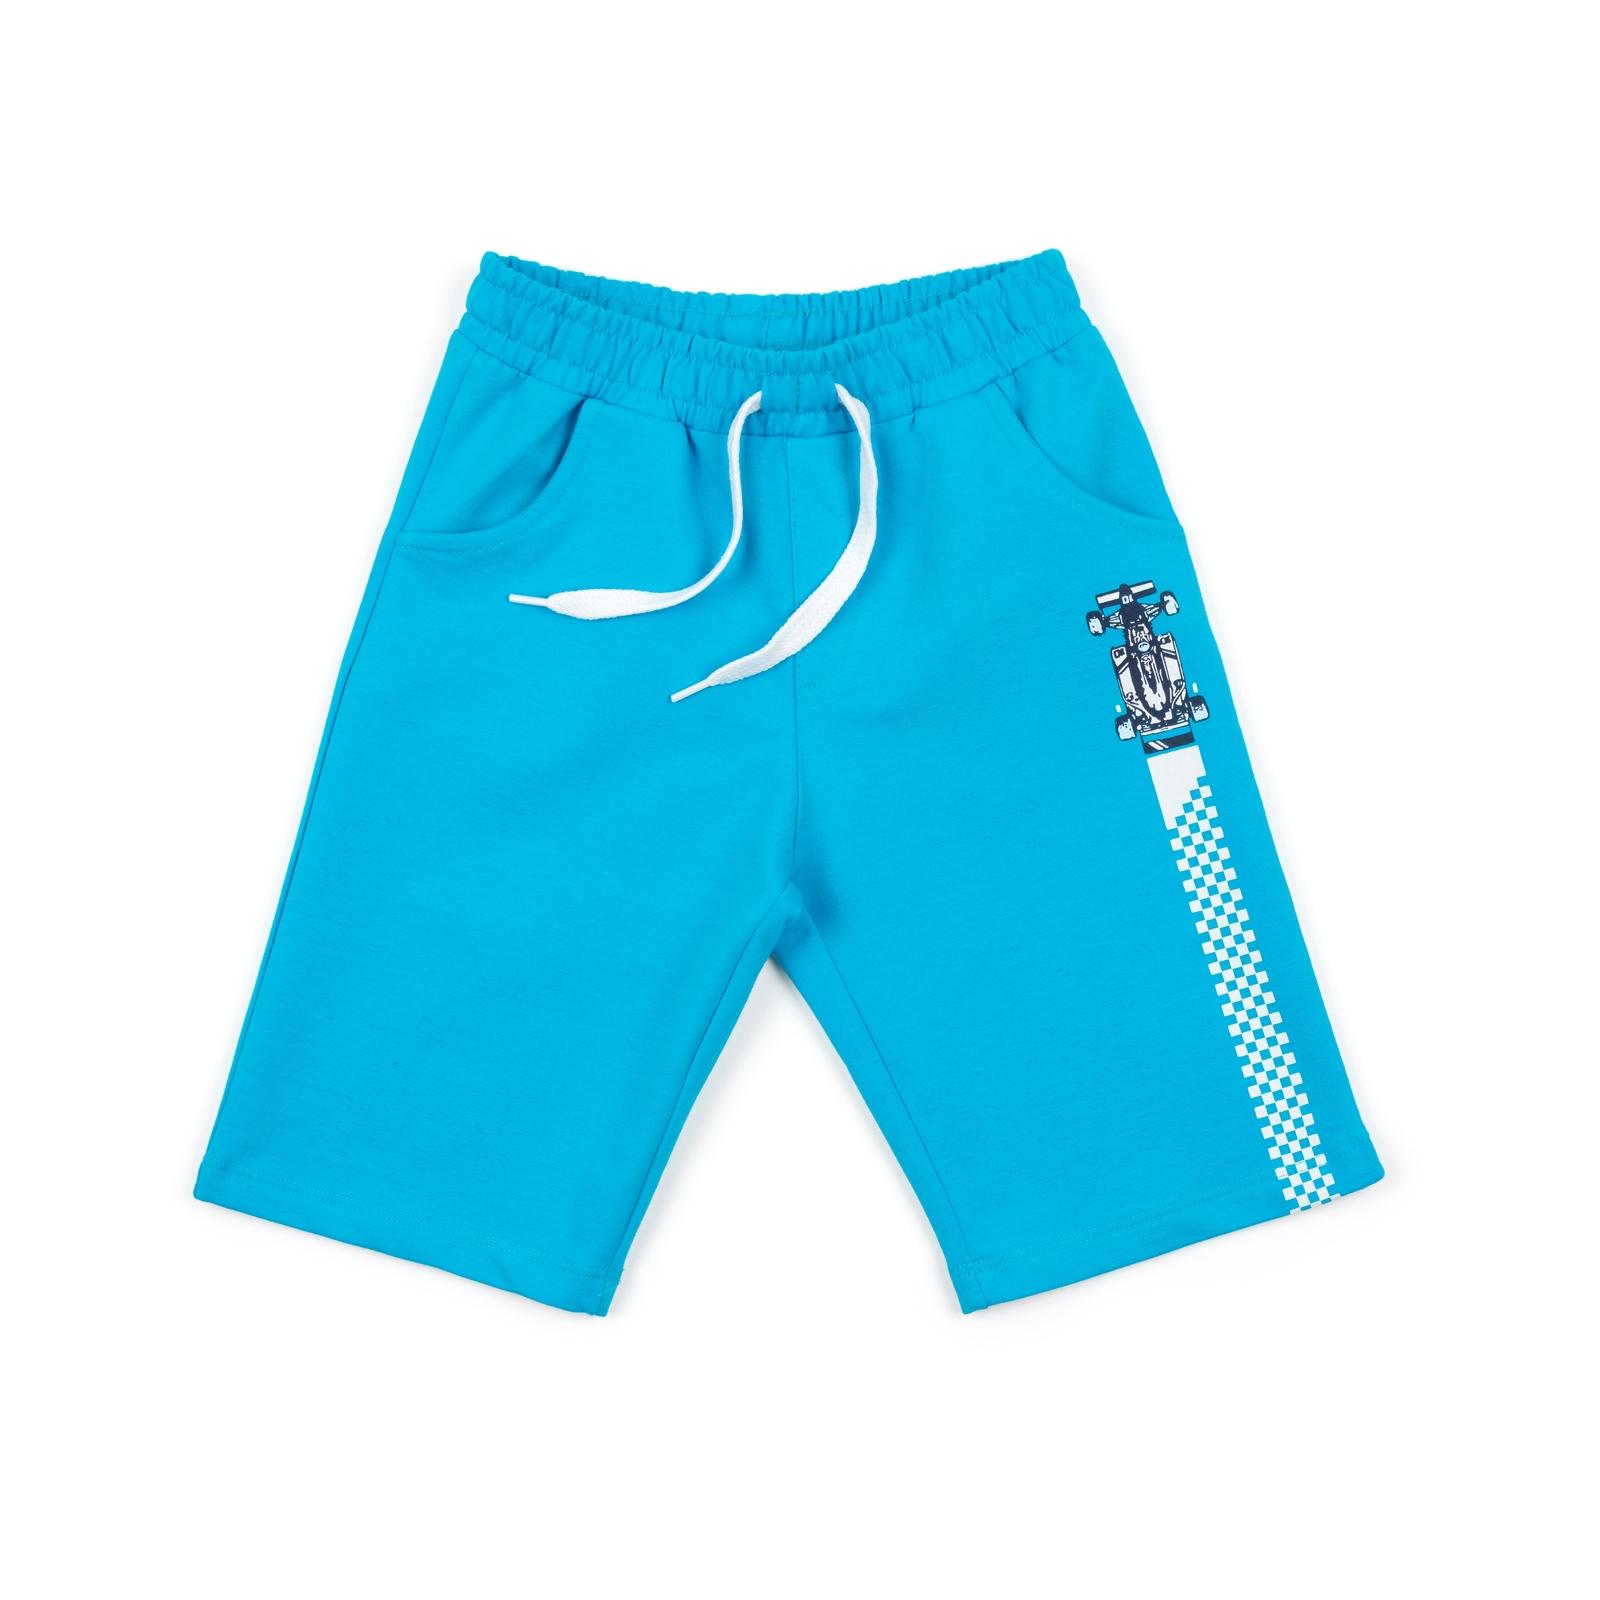 Набор детской одежды Breeze с машинками (12103-92B-blue) изображение 5